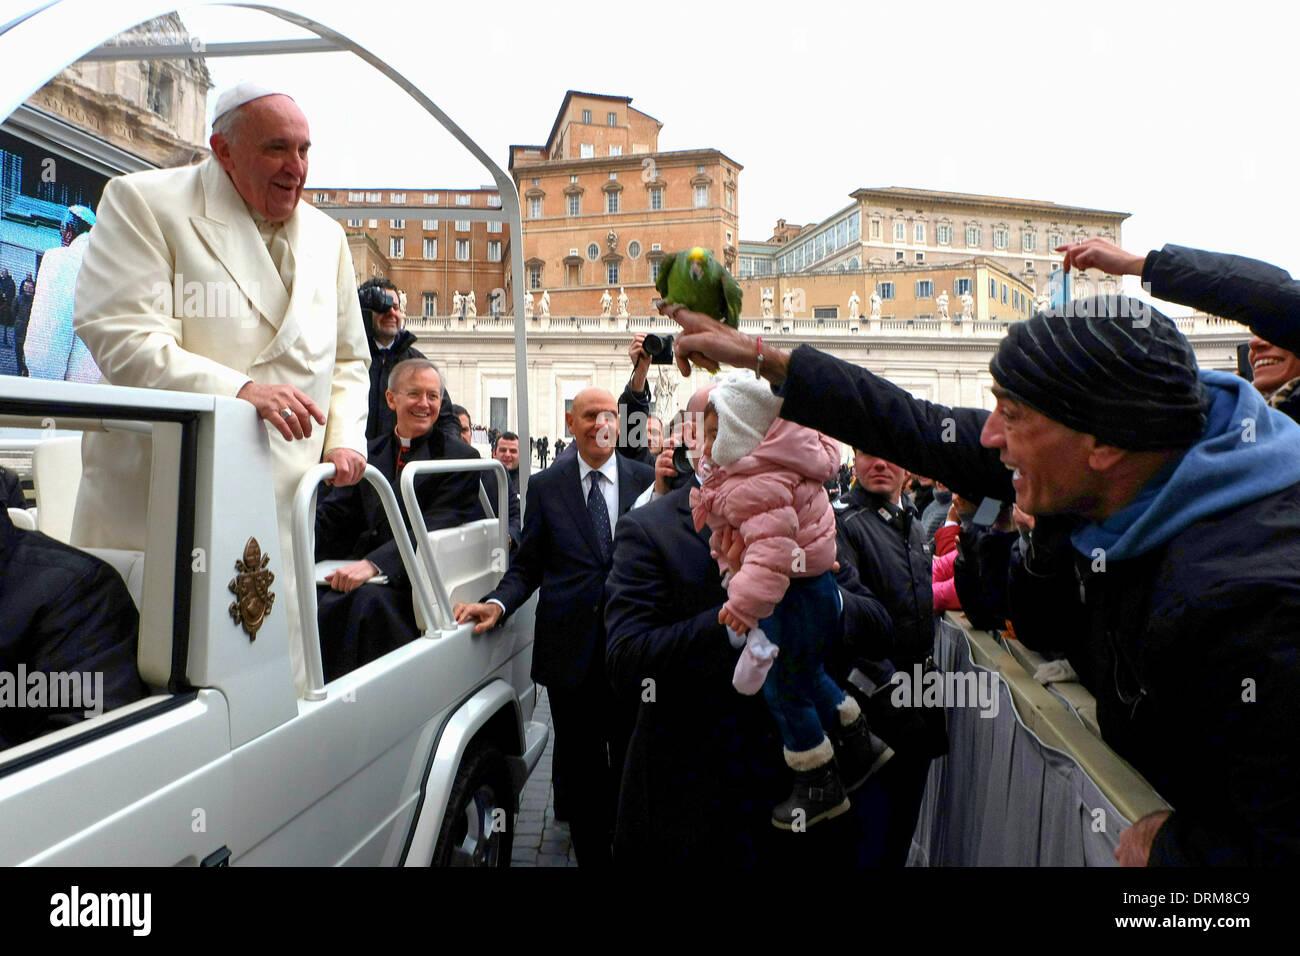 St.Peter's square, Vatican, Rome. 29 janvier 2014. Audience Générale 29/01/2014 Le Pape François est offert un crédit: perroquet Realy Easy Star/Alamy Live News Photo Stock